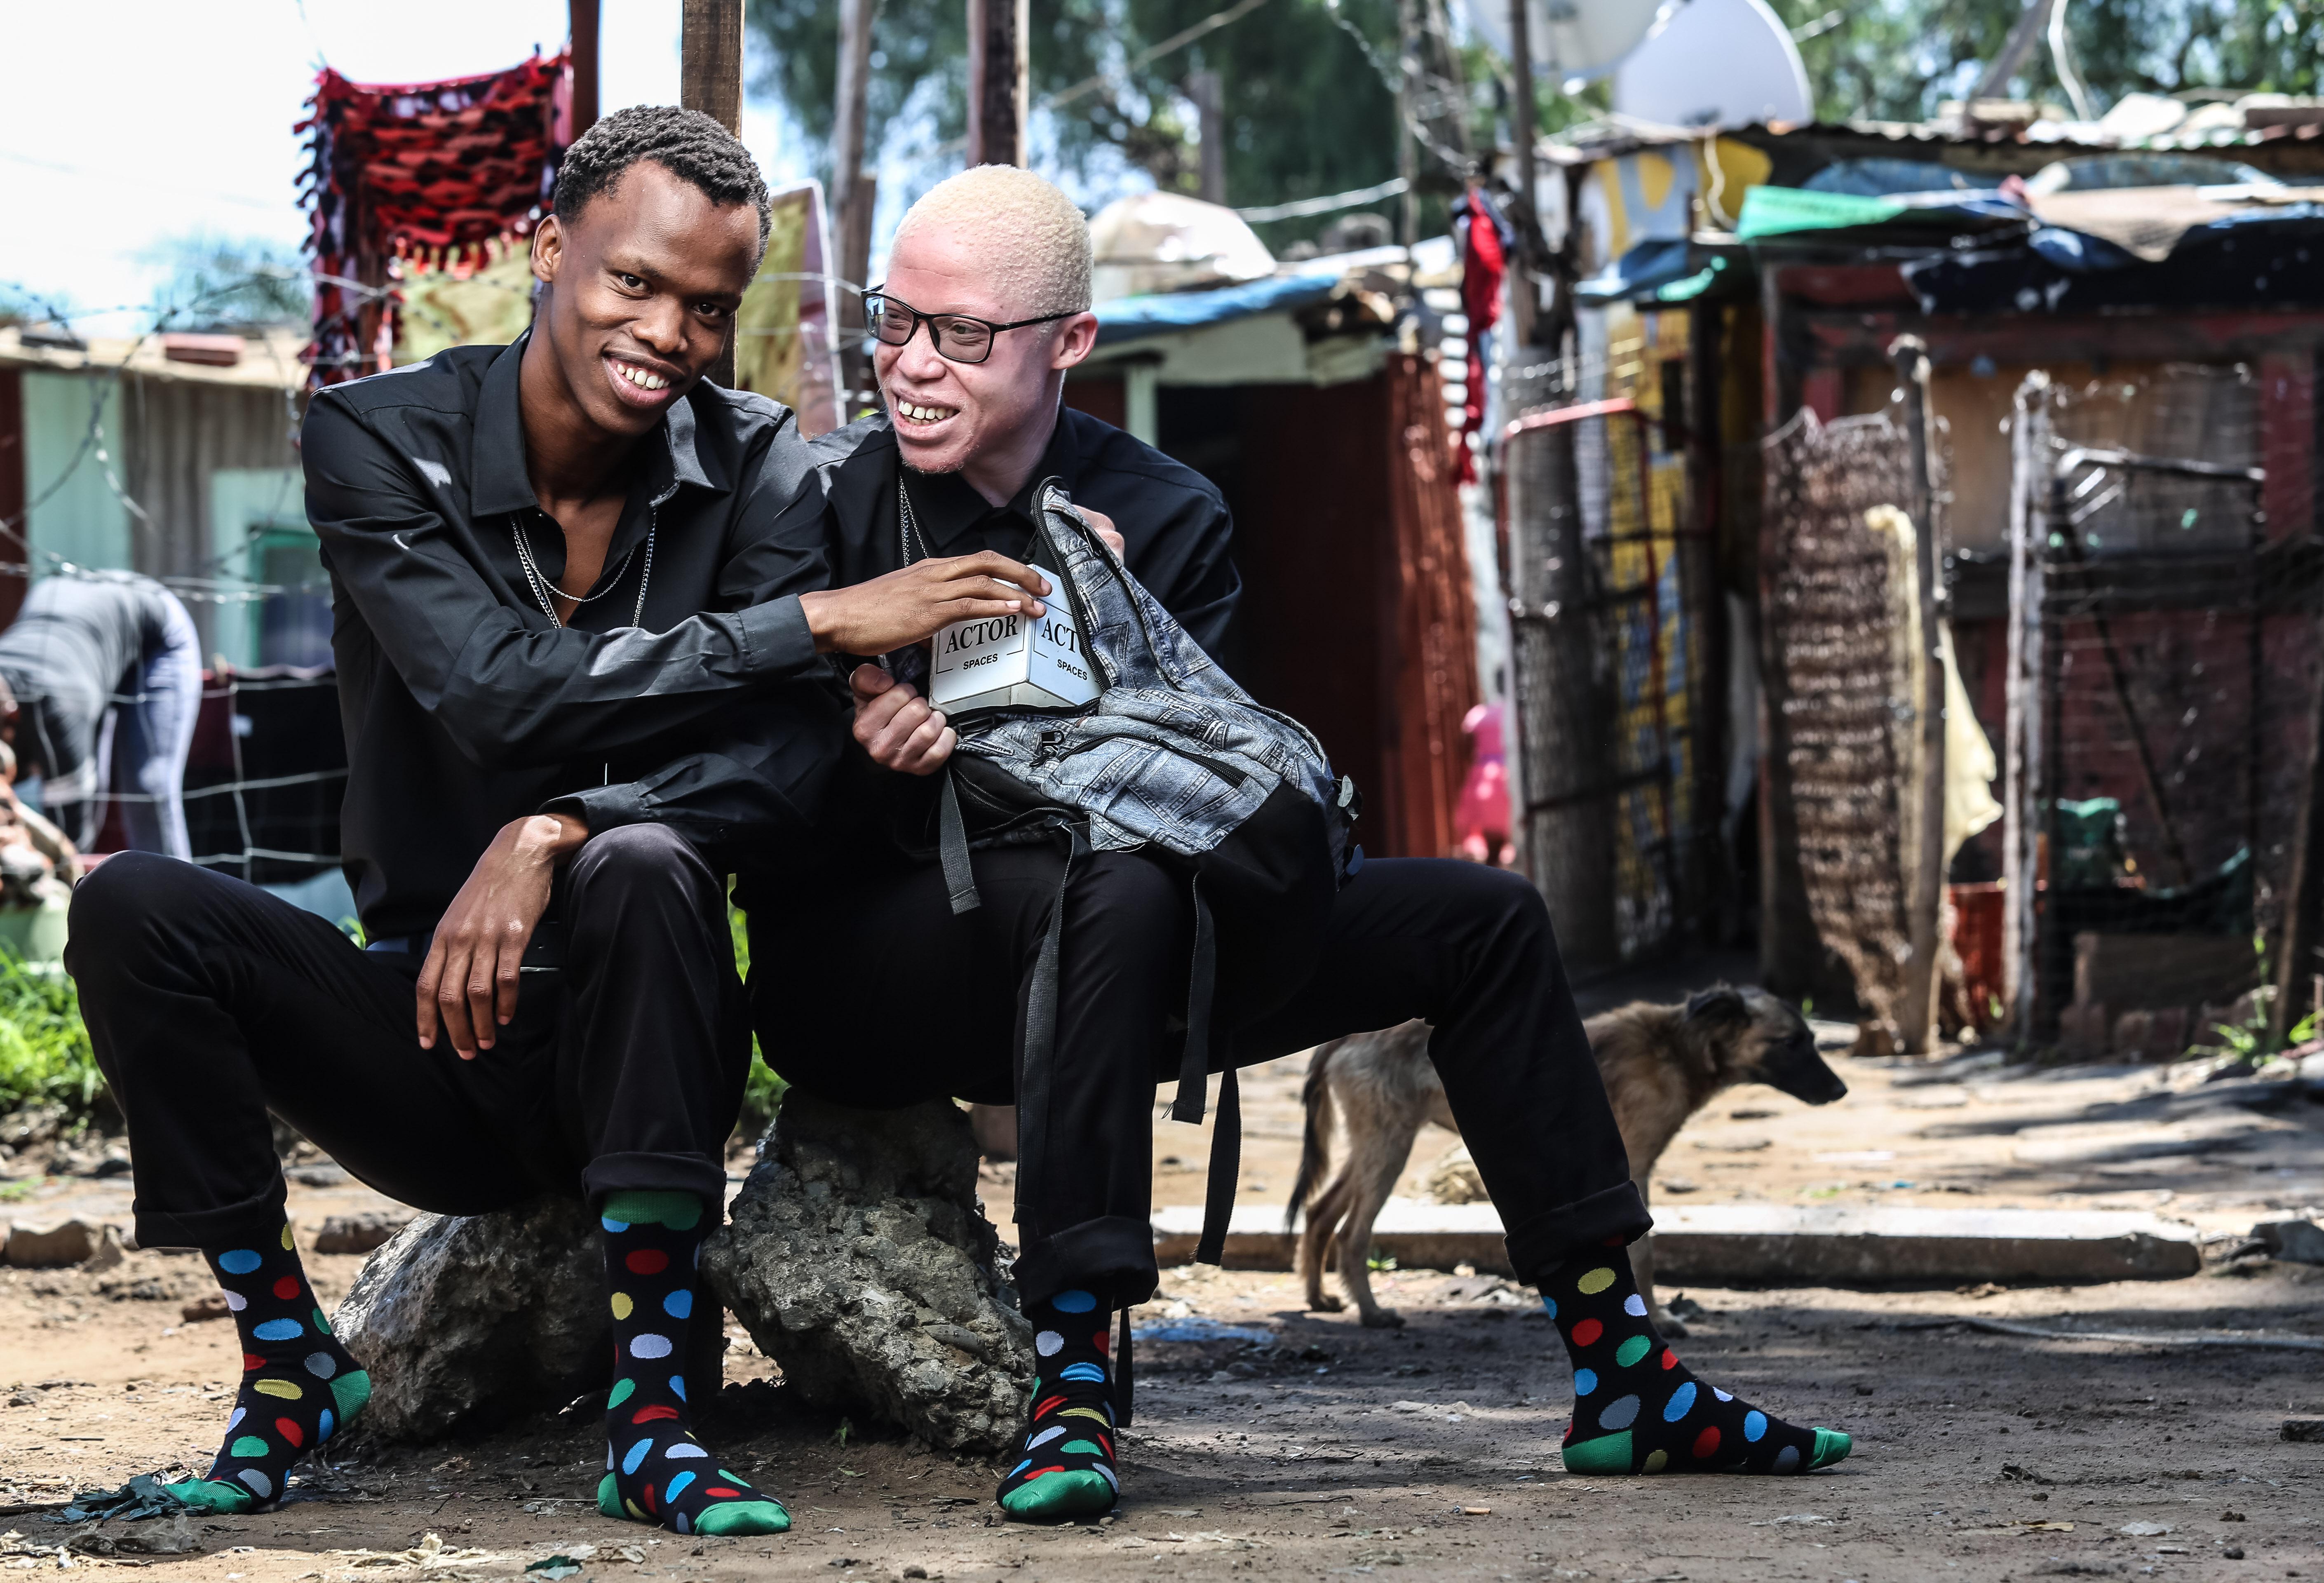 Actor-Spaces-Mtwetwe-Sbu-Tebaso2-SIBUSISO KHWINANA